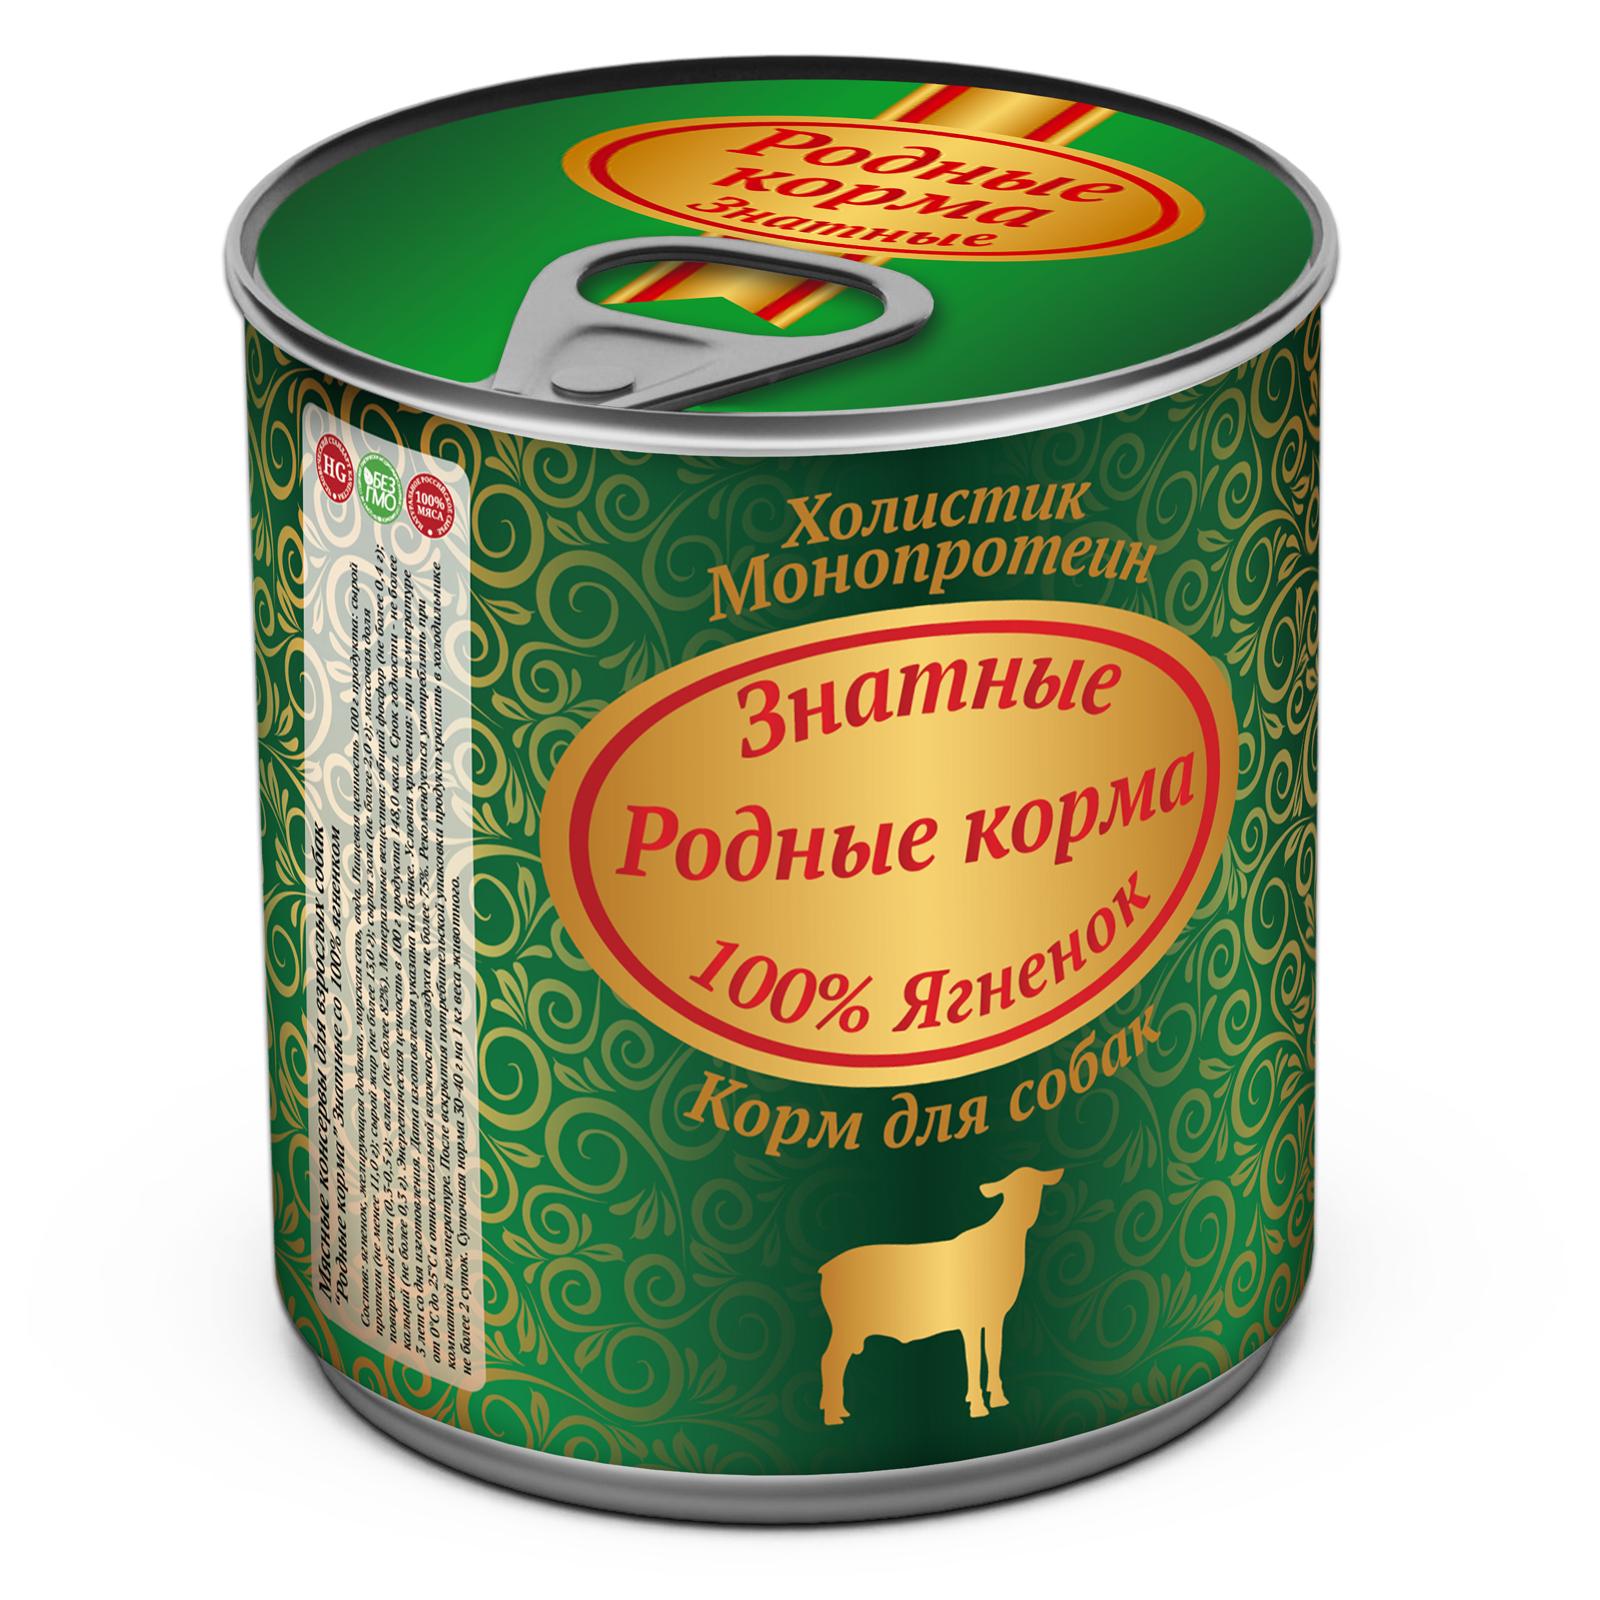 Консервы для собак Родные корма Знатные, ягненок, 12шт, 340г